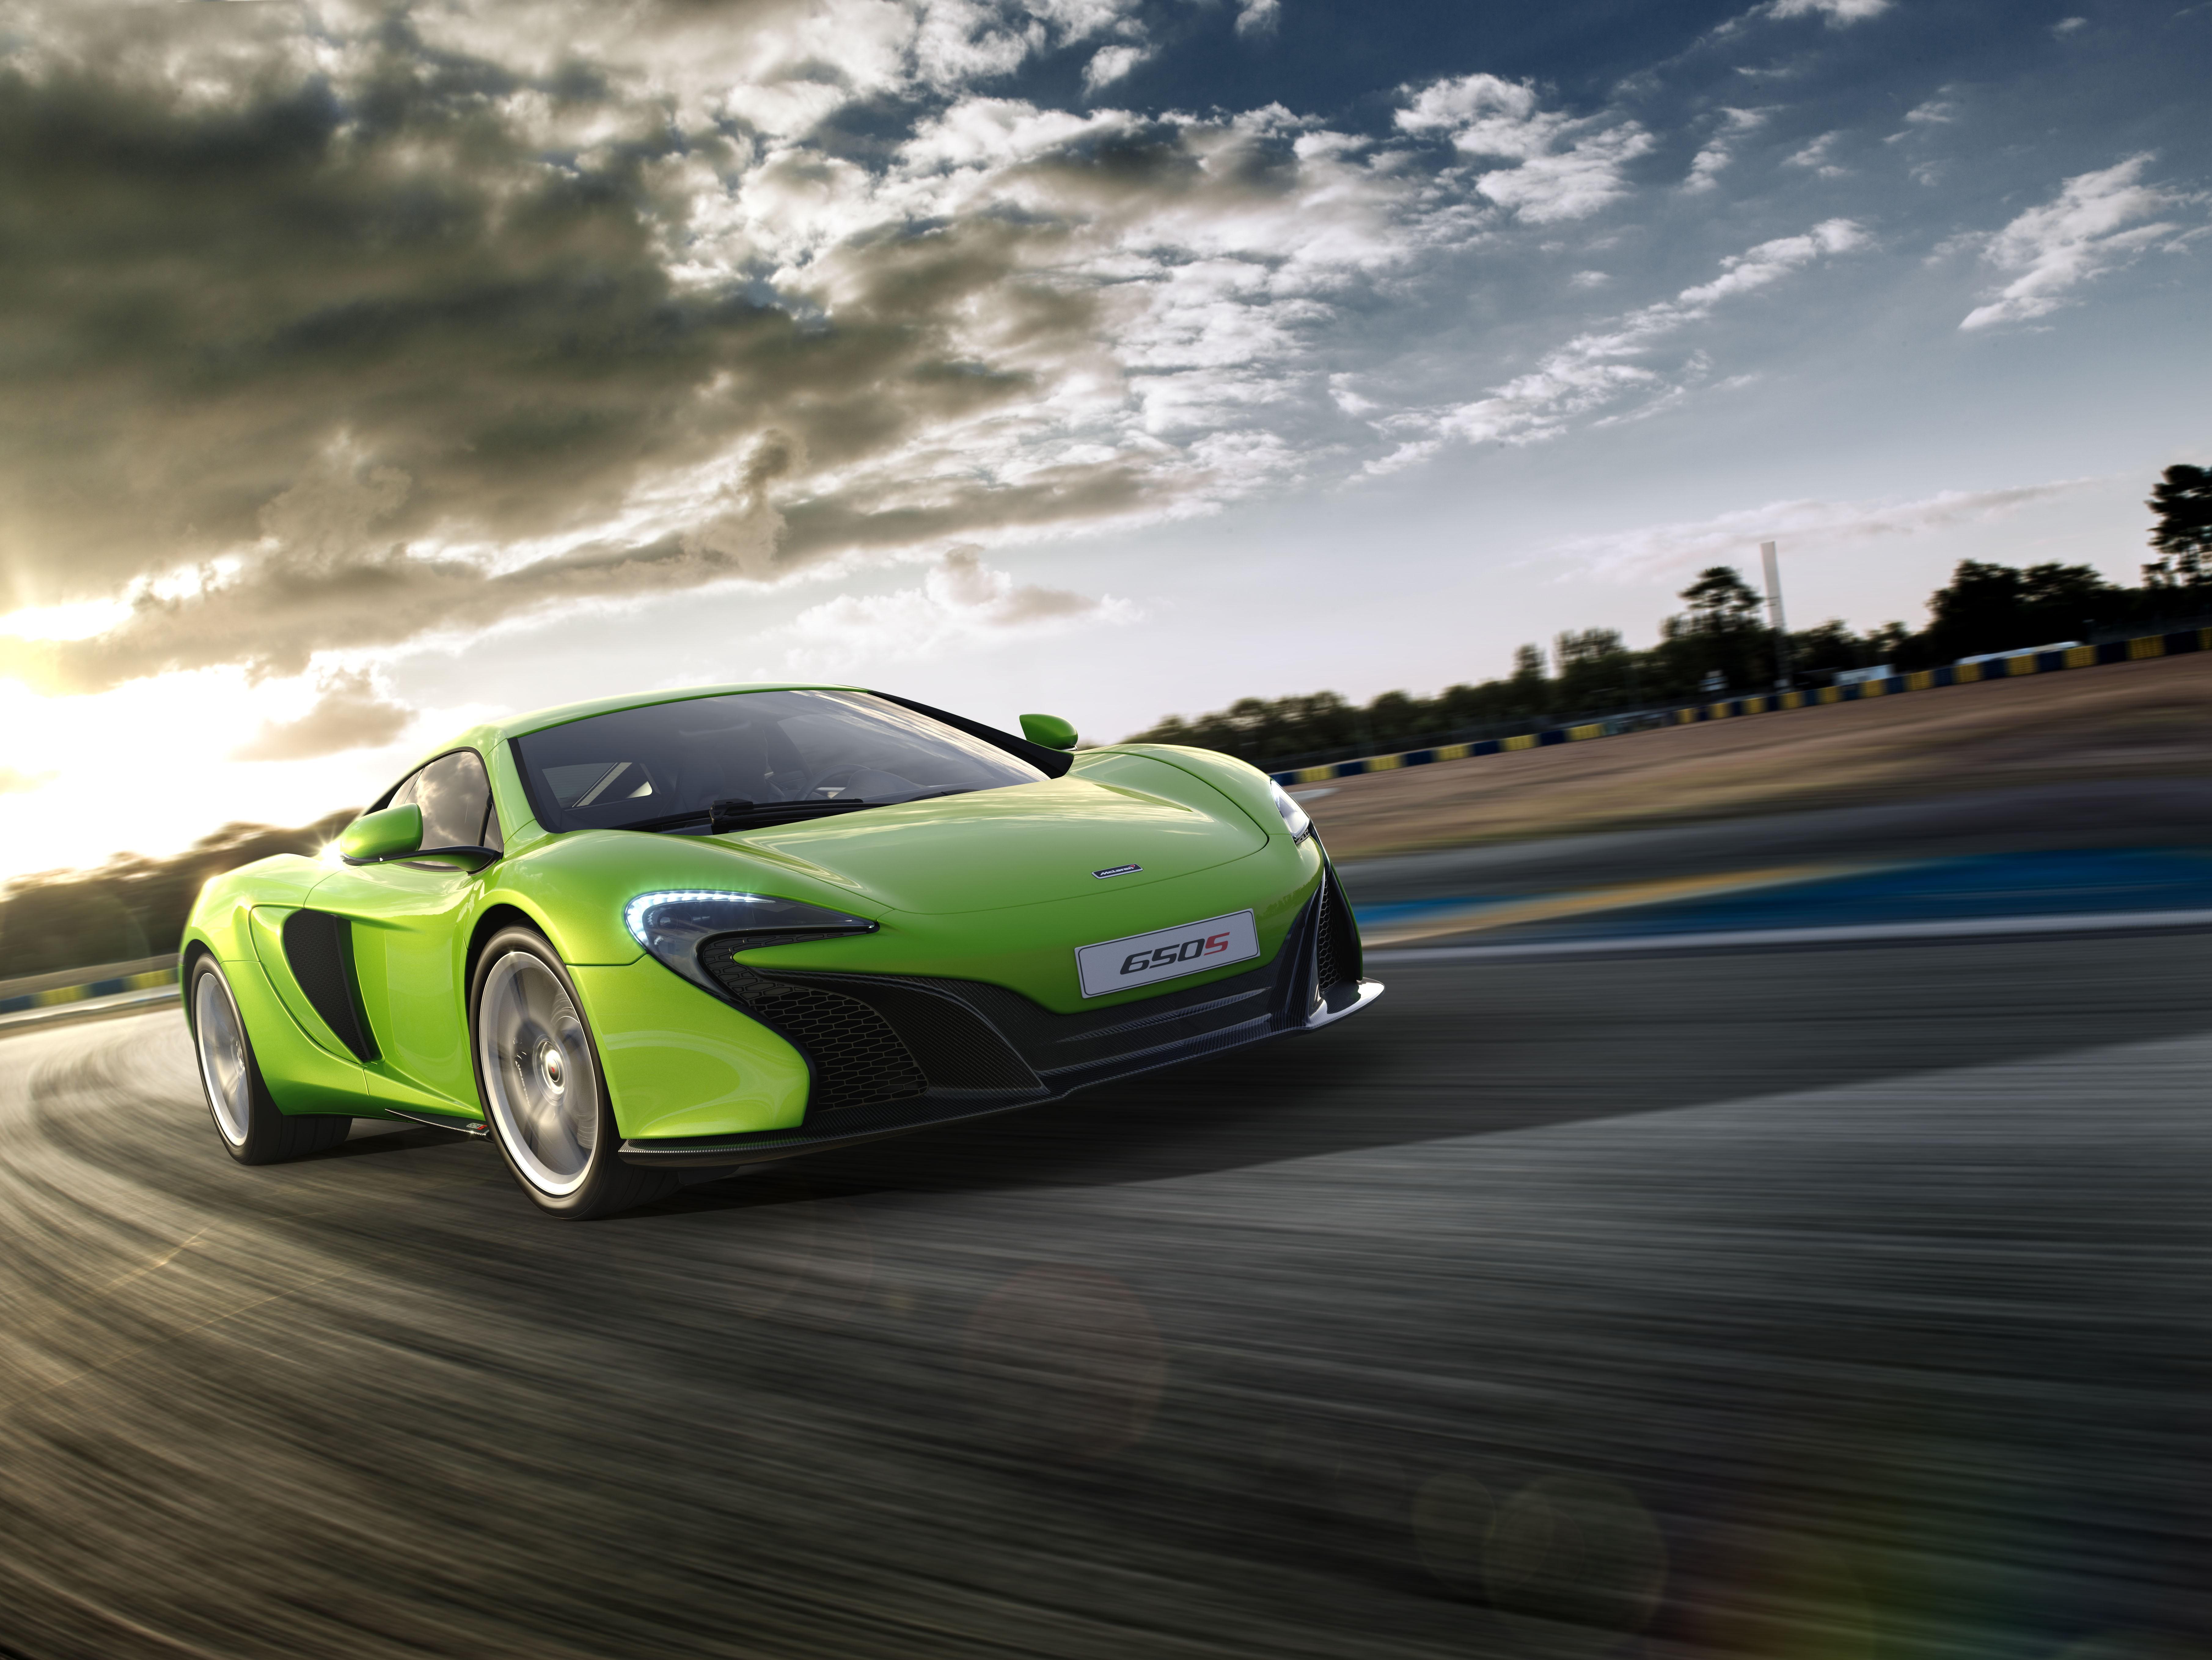 Lamborghini Veneno Wallpaper Iphone Wallpaper Mclaren 650s Sport Car Coupe Review Buy